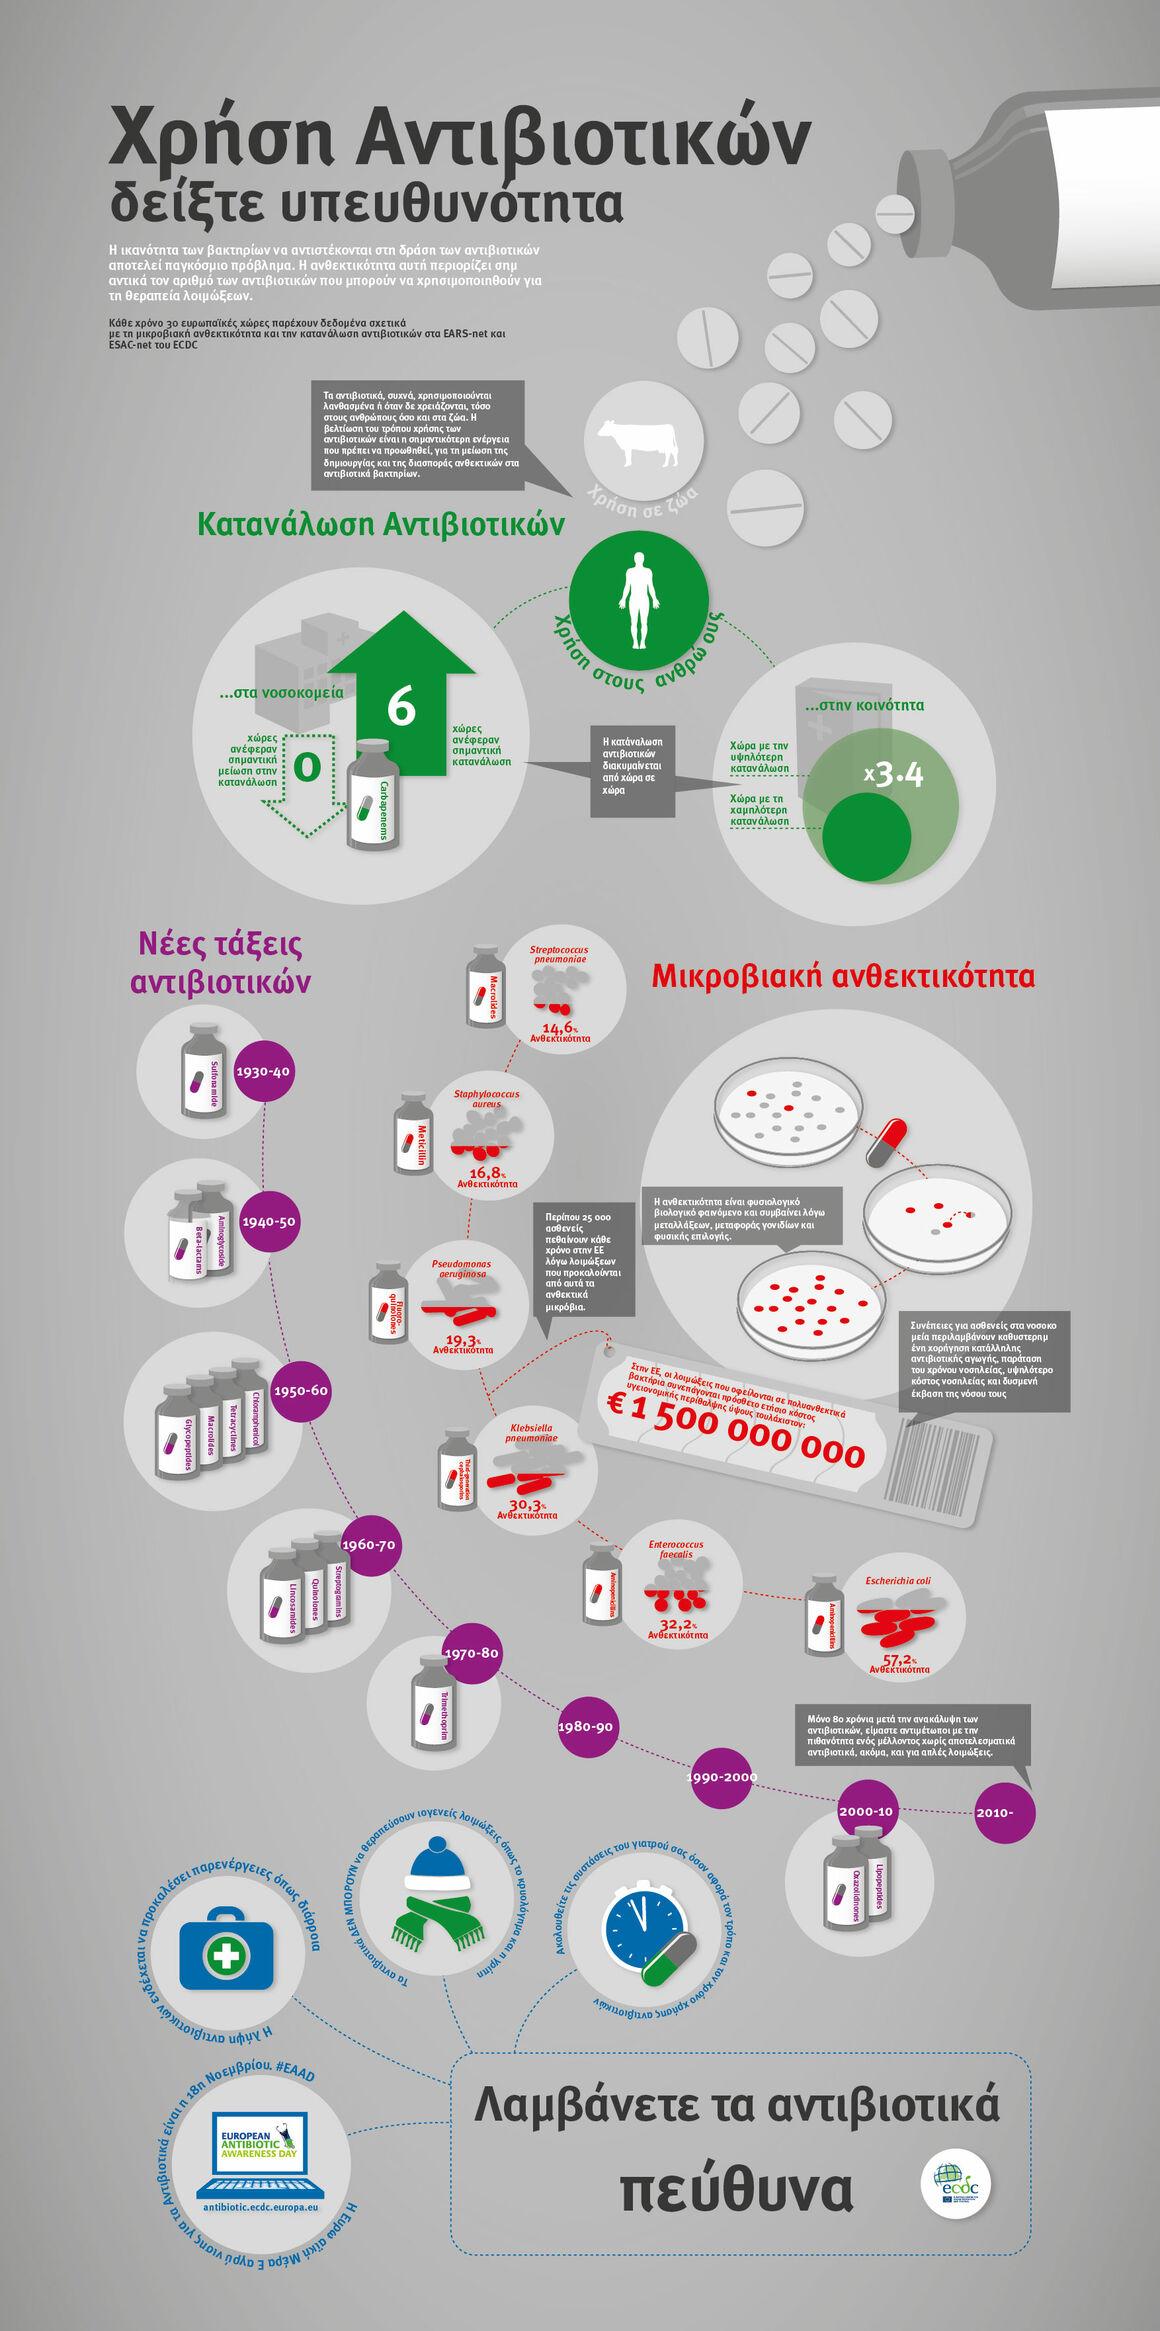 Χρήση Αντιβιοτικών - δείξτε υπευθυνότητα